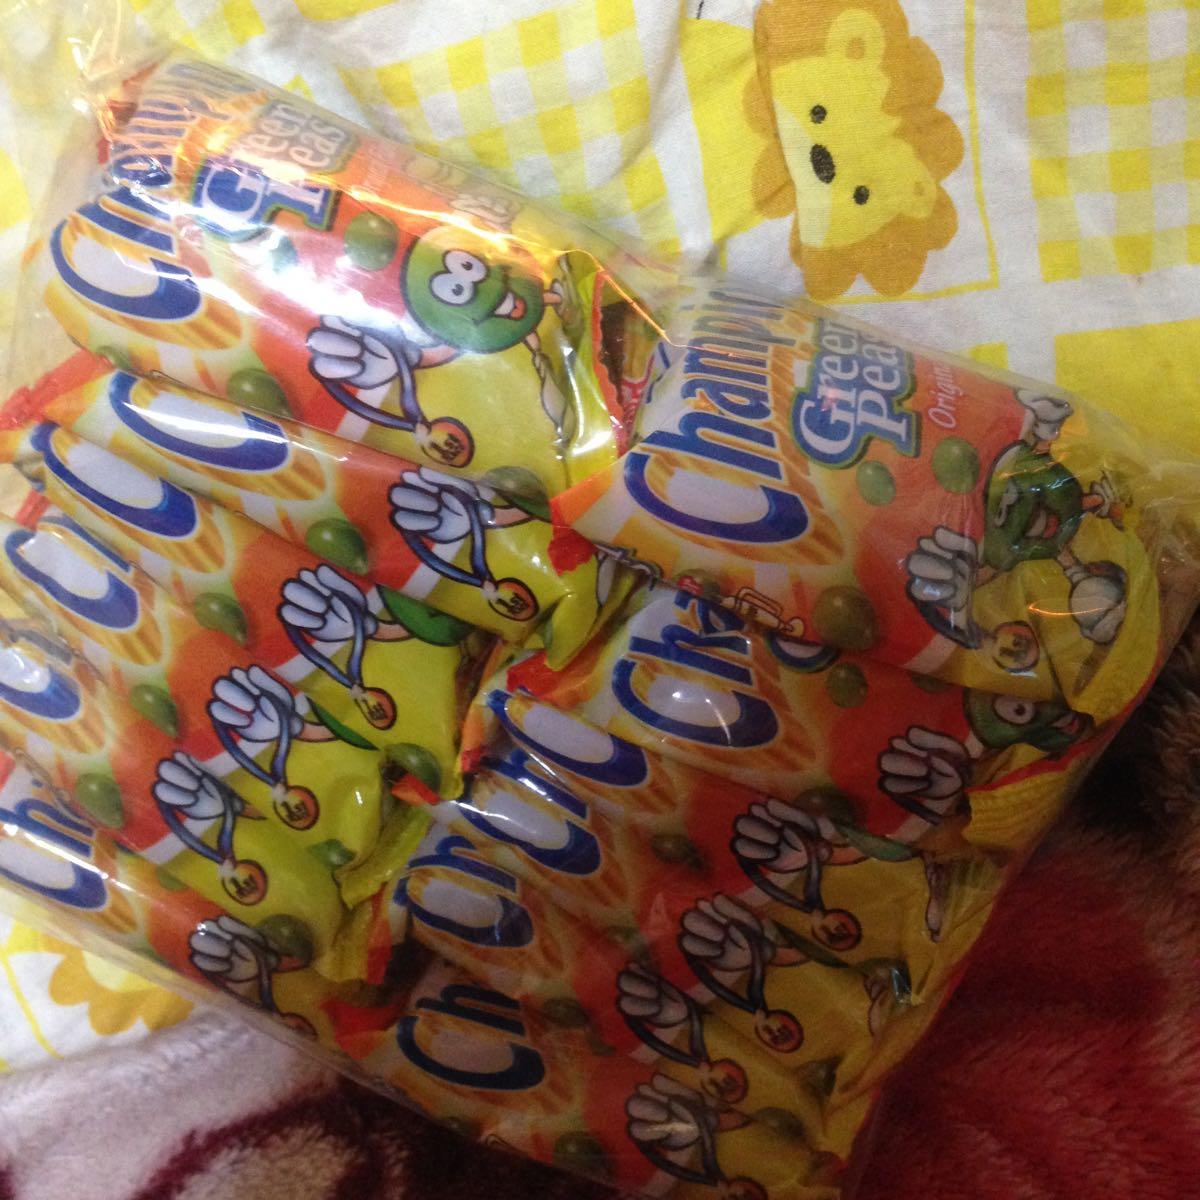 フィリピン おつまみ菓子 Champion Green peas 12p入り お得!(◎_◎;)_画像2